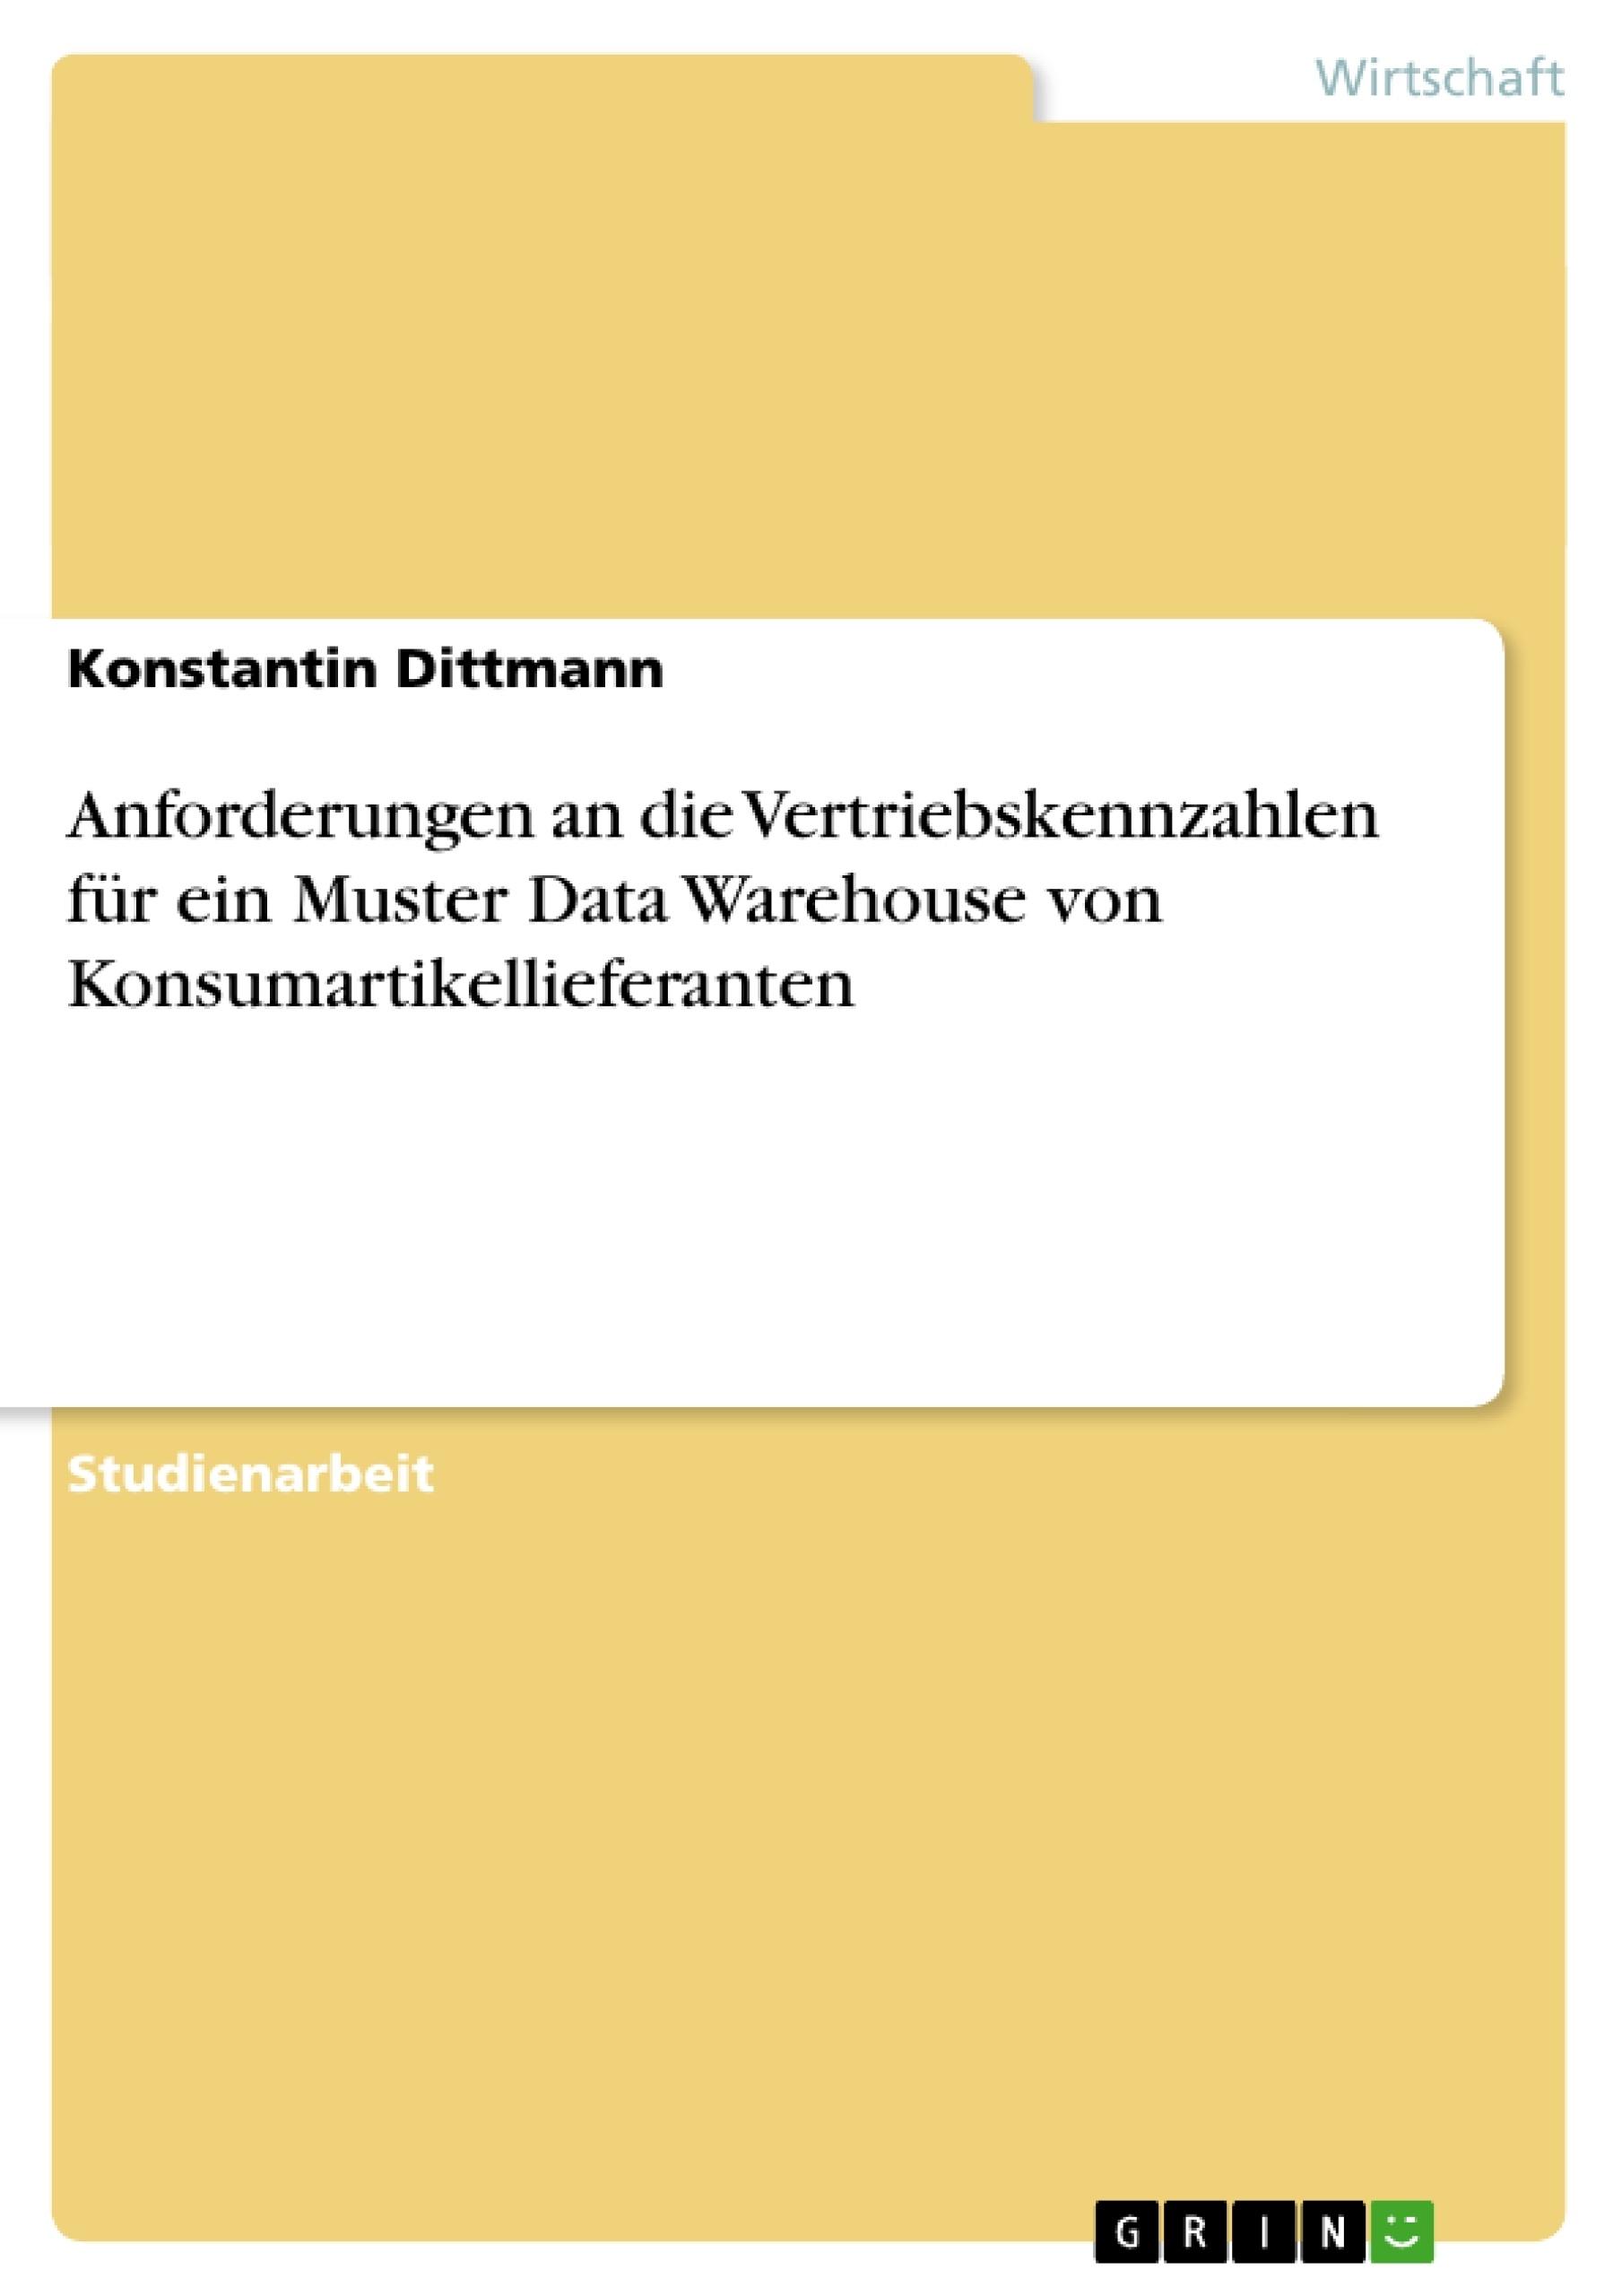 Titel: Anforderungen an die Vertriebskennzahlen für ein Muster Data Warehouse von Konsumartikellieferanten